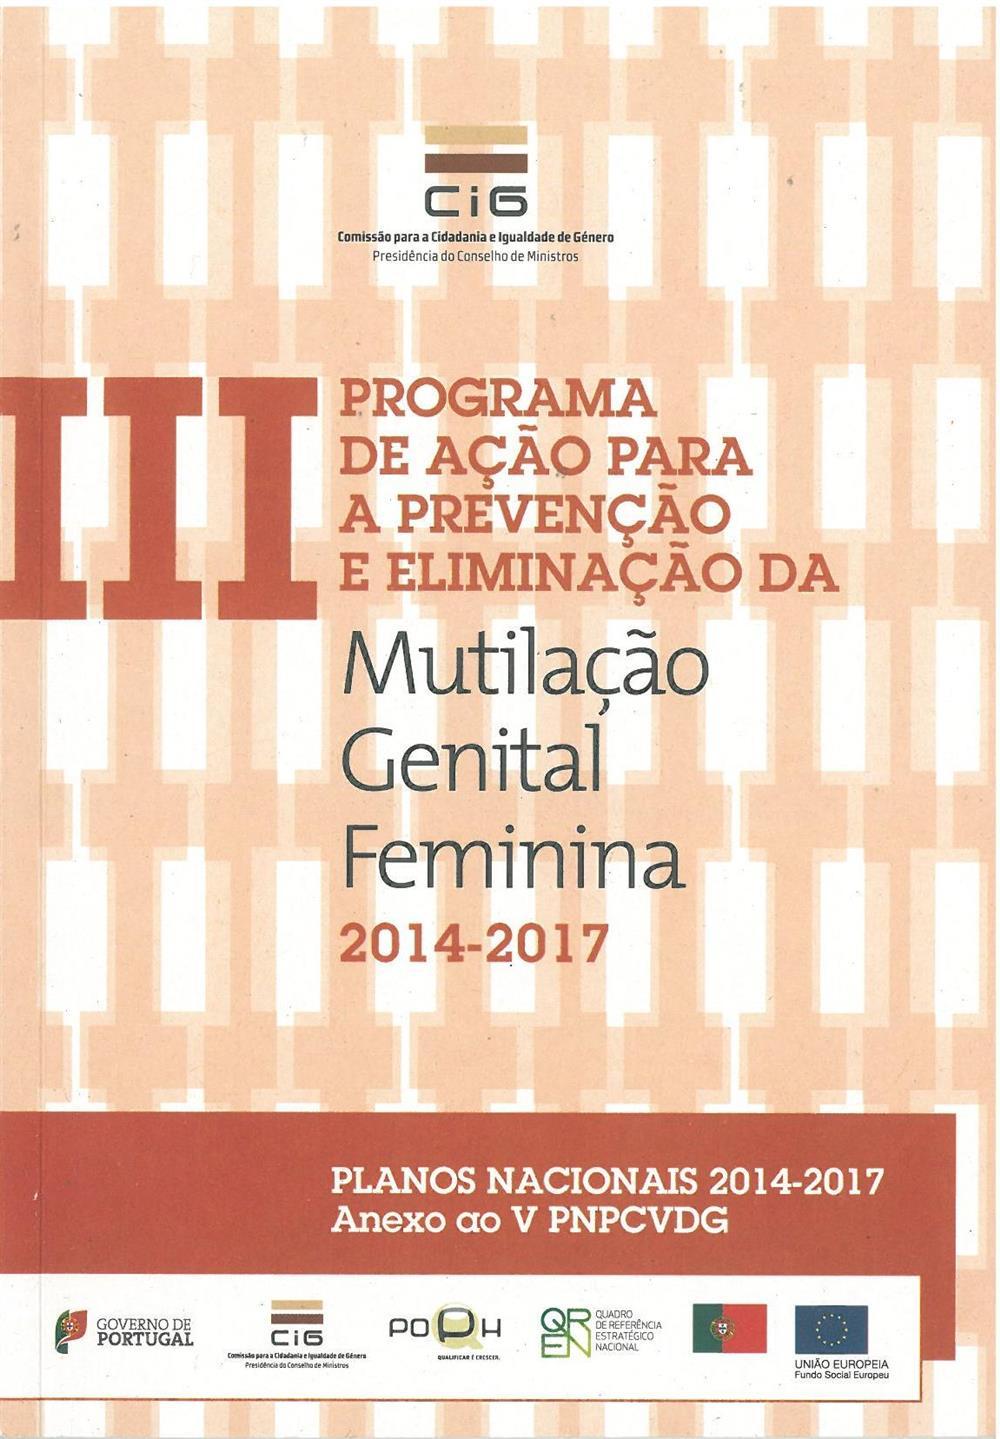 III Programa de Ação para a Prevenção e Eliminação da Mutilação Genital Feminina_.jpg